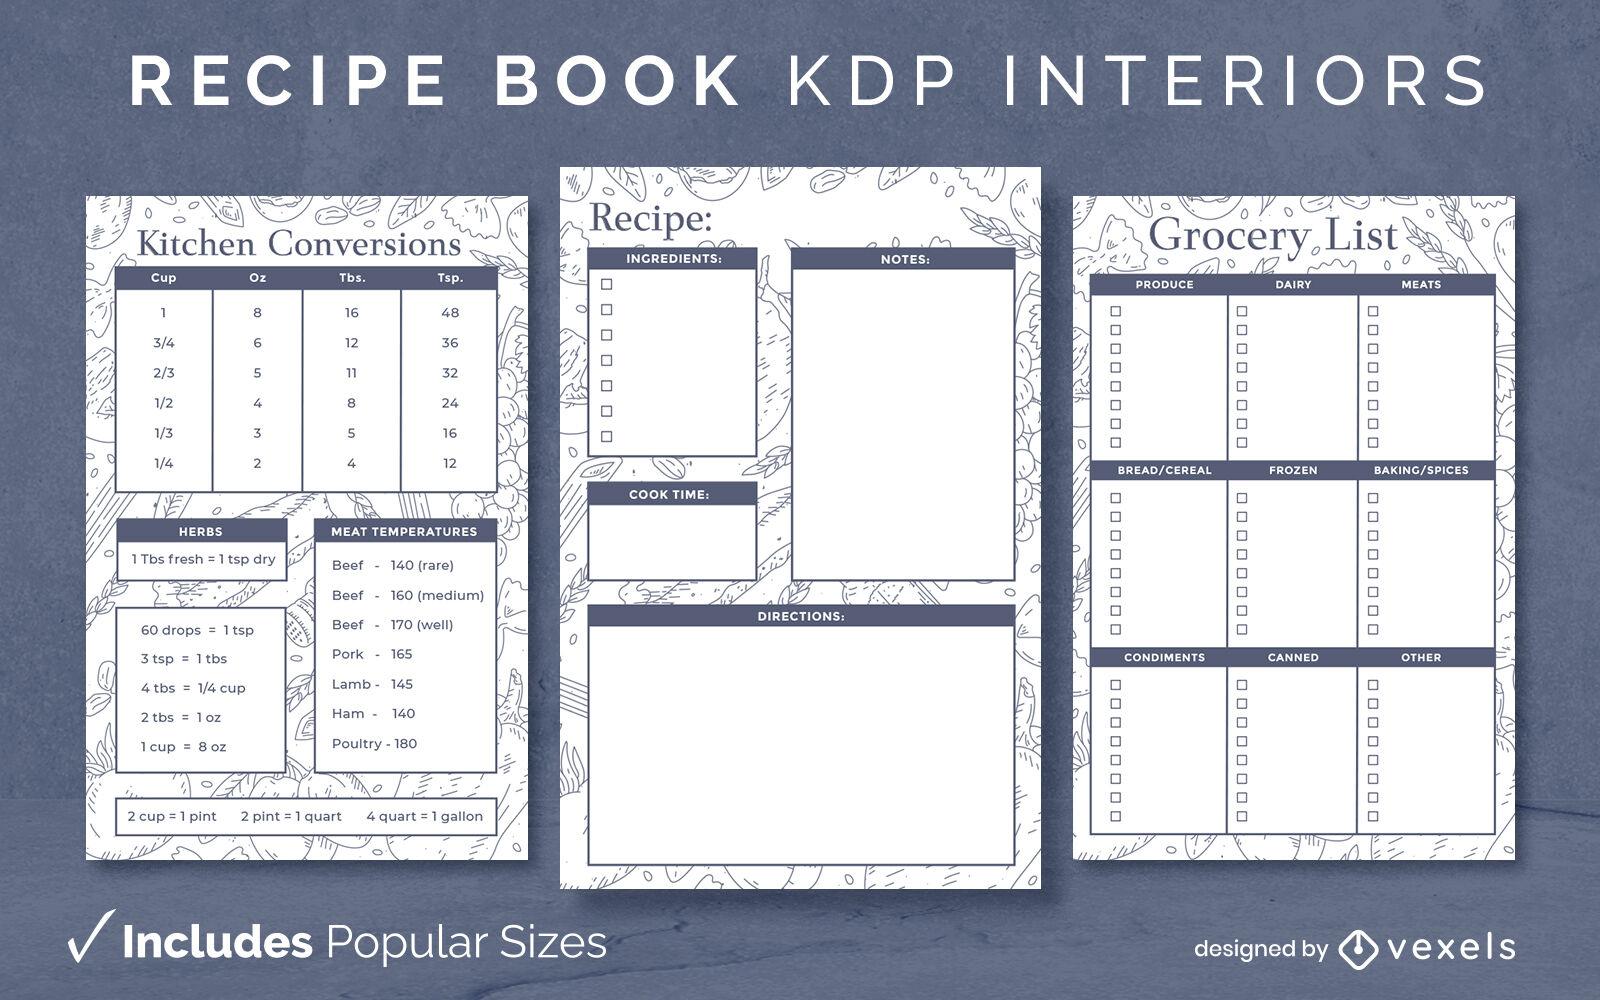 KDP do modelo de design de livro de receitas de ingredientes alimentares